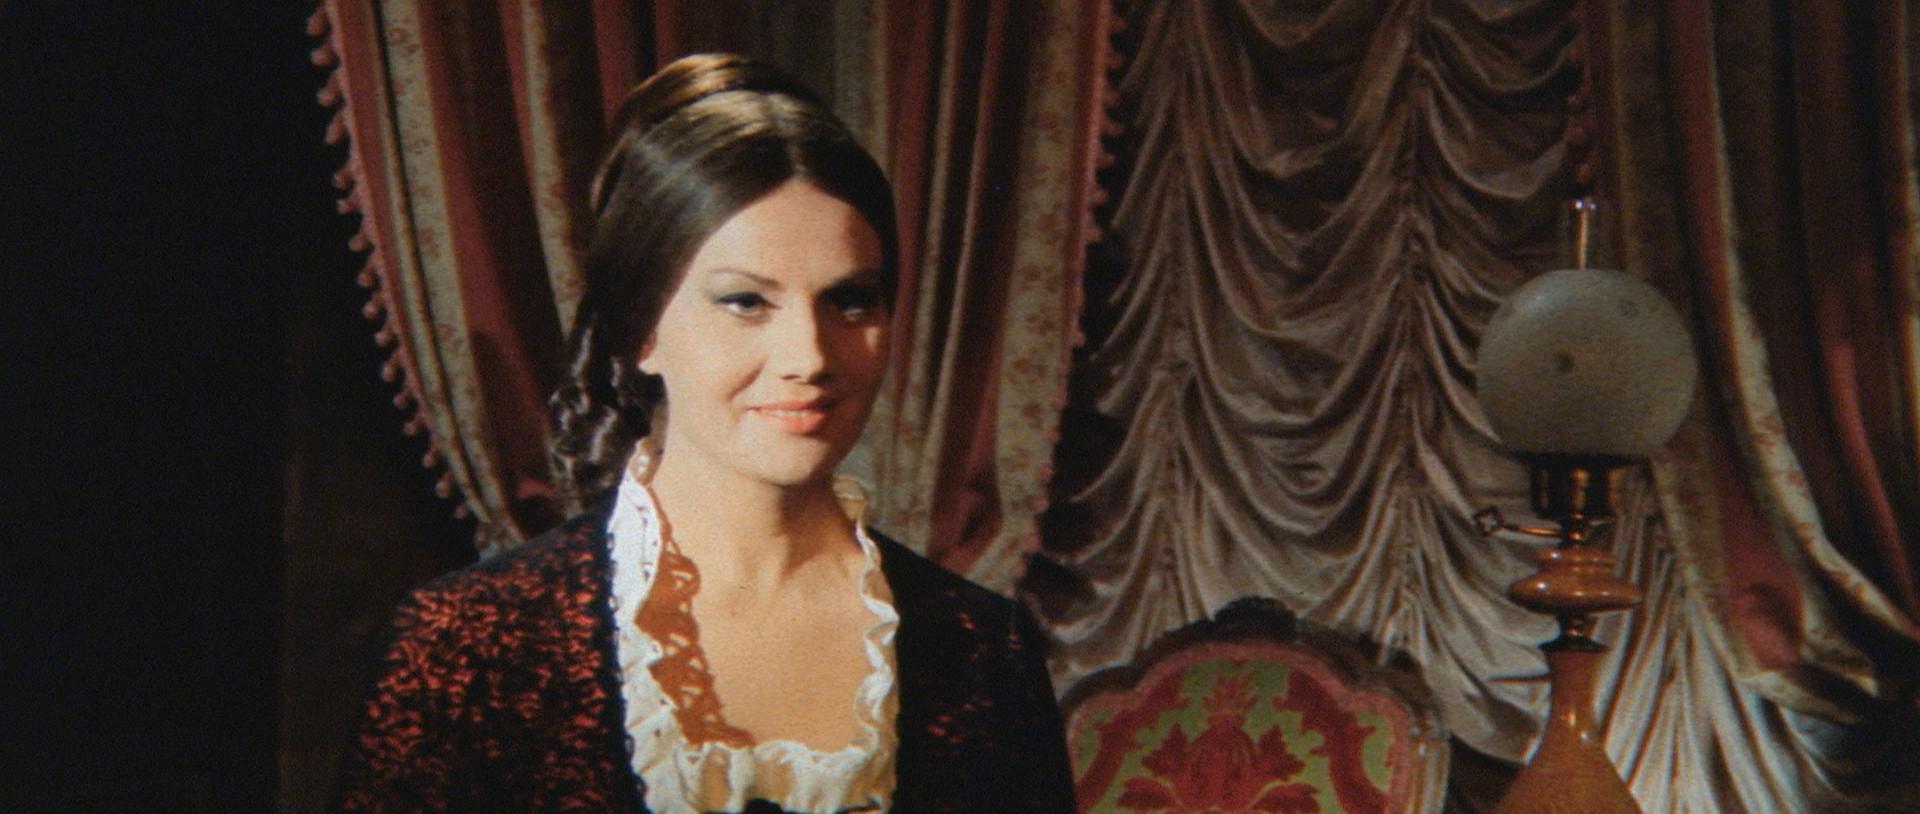 Mary Young in La lama nel corpo (1966)